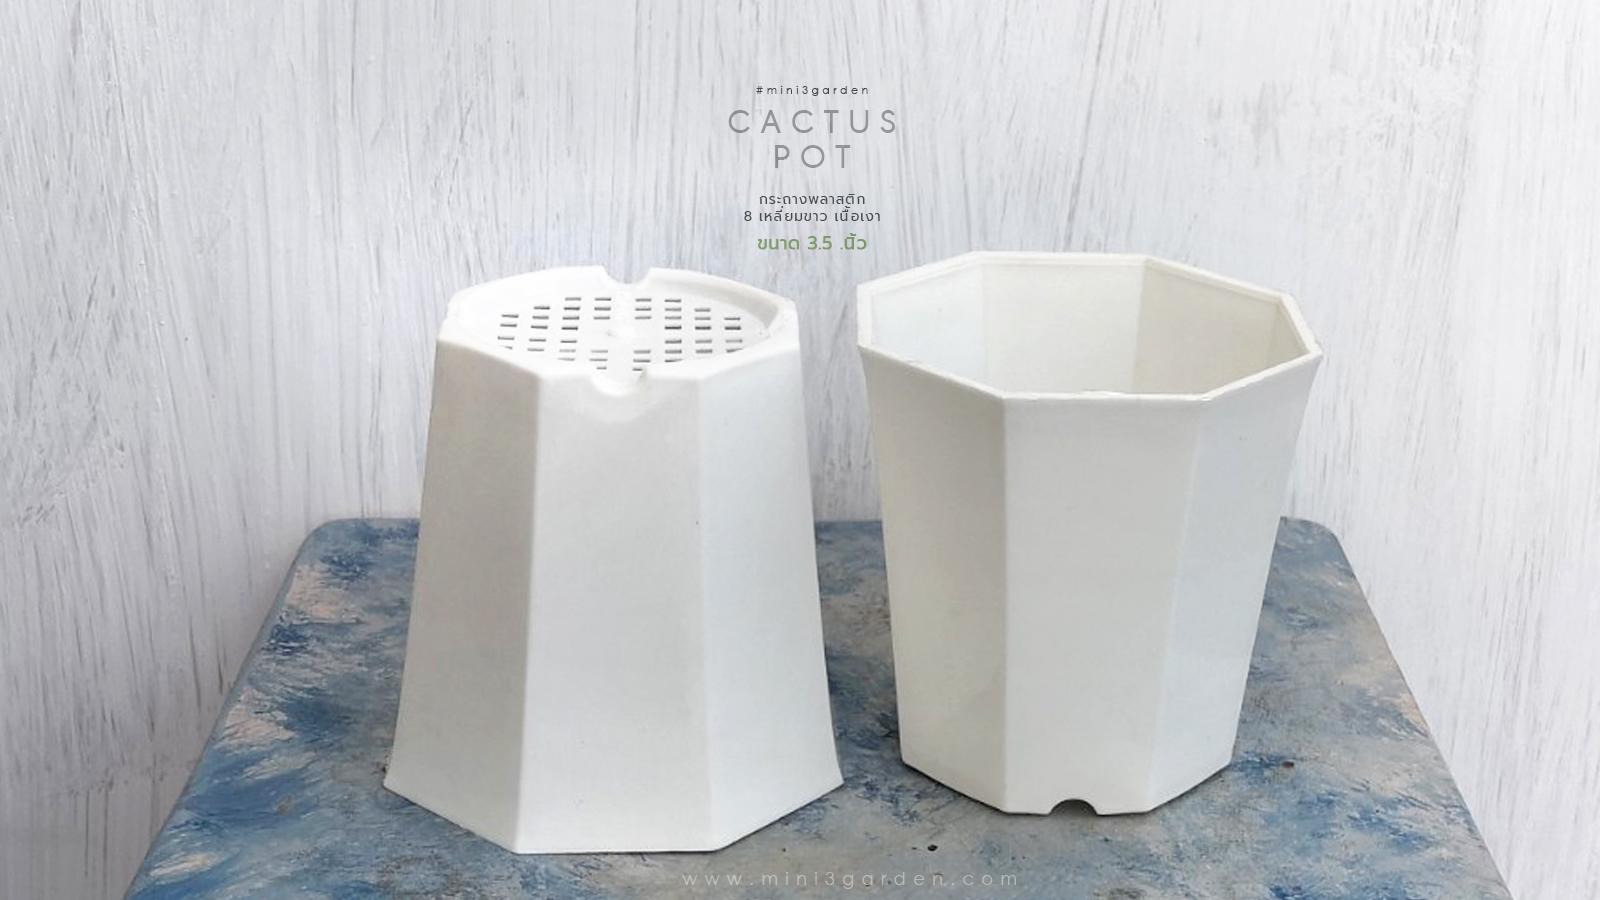 plastic_pot_16_9_2